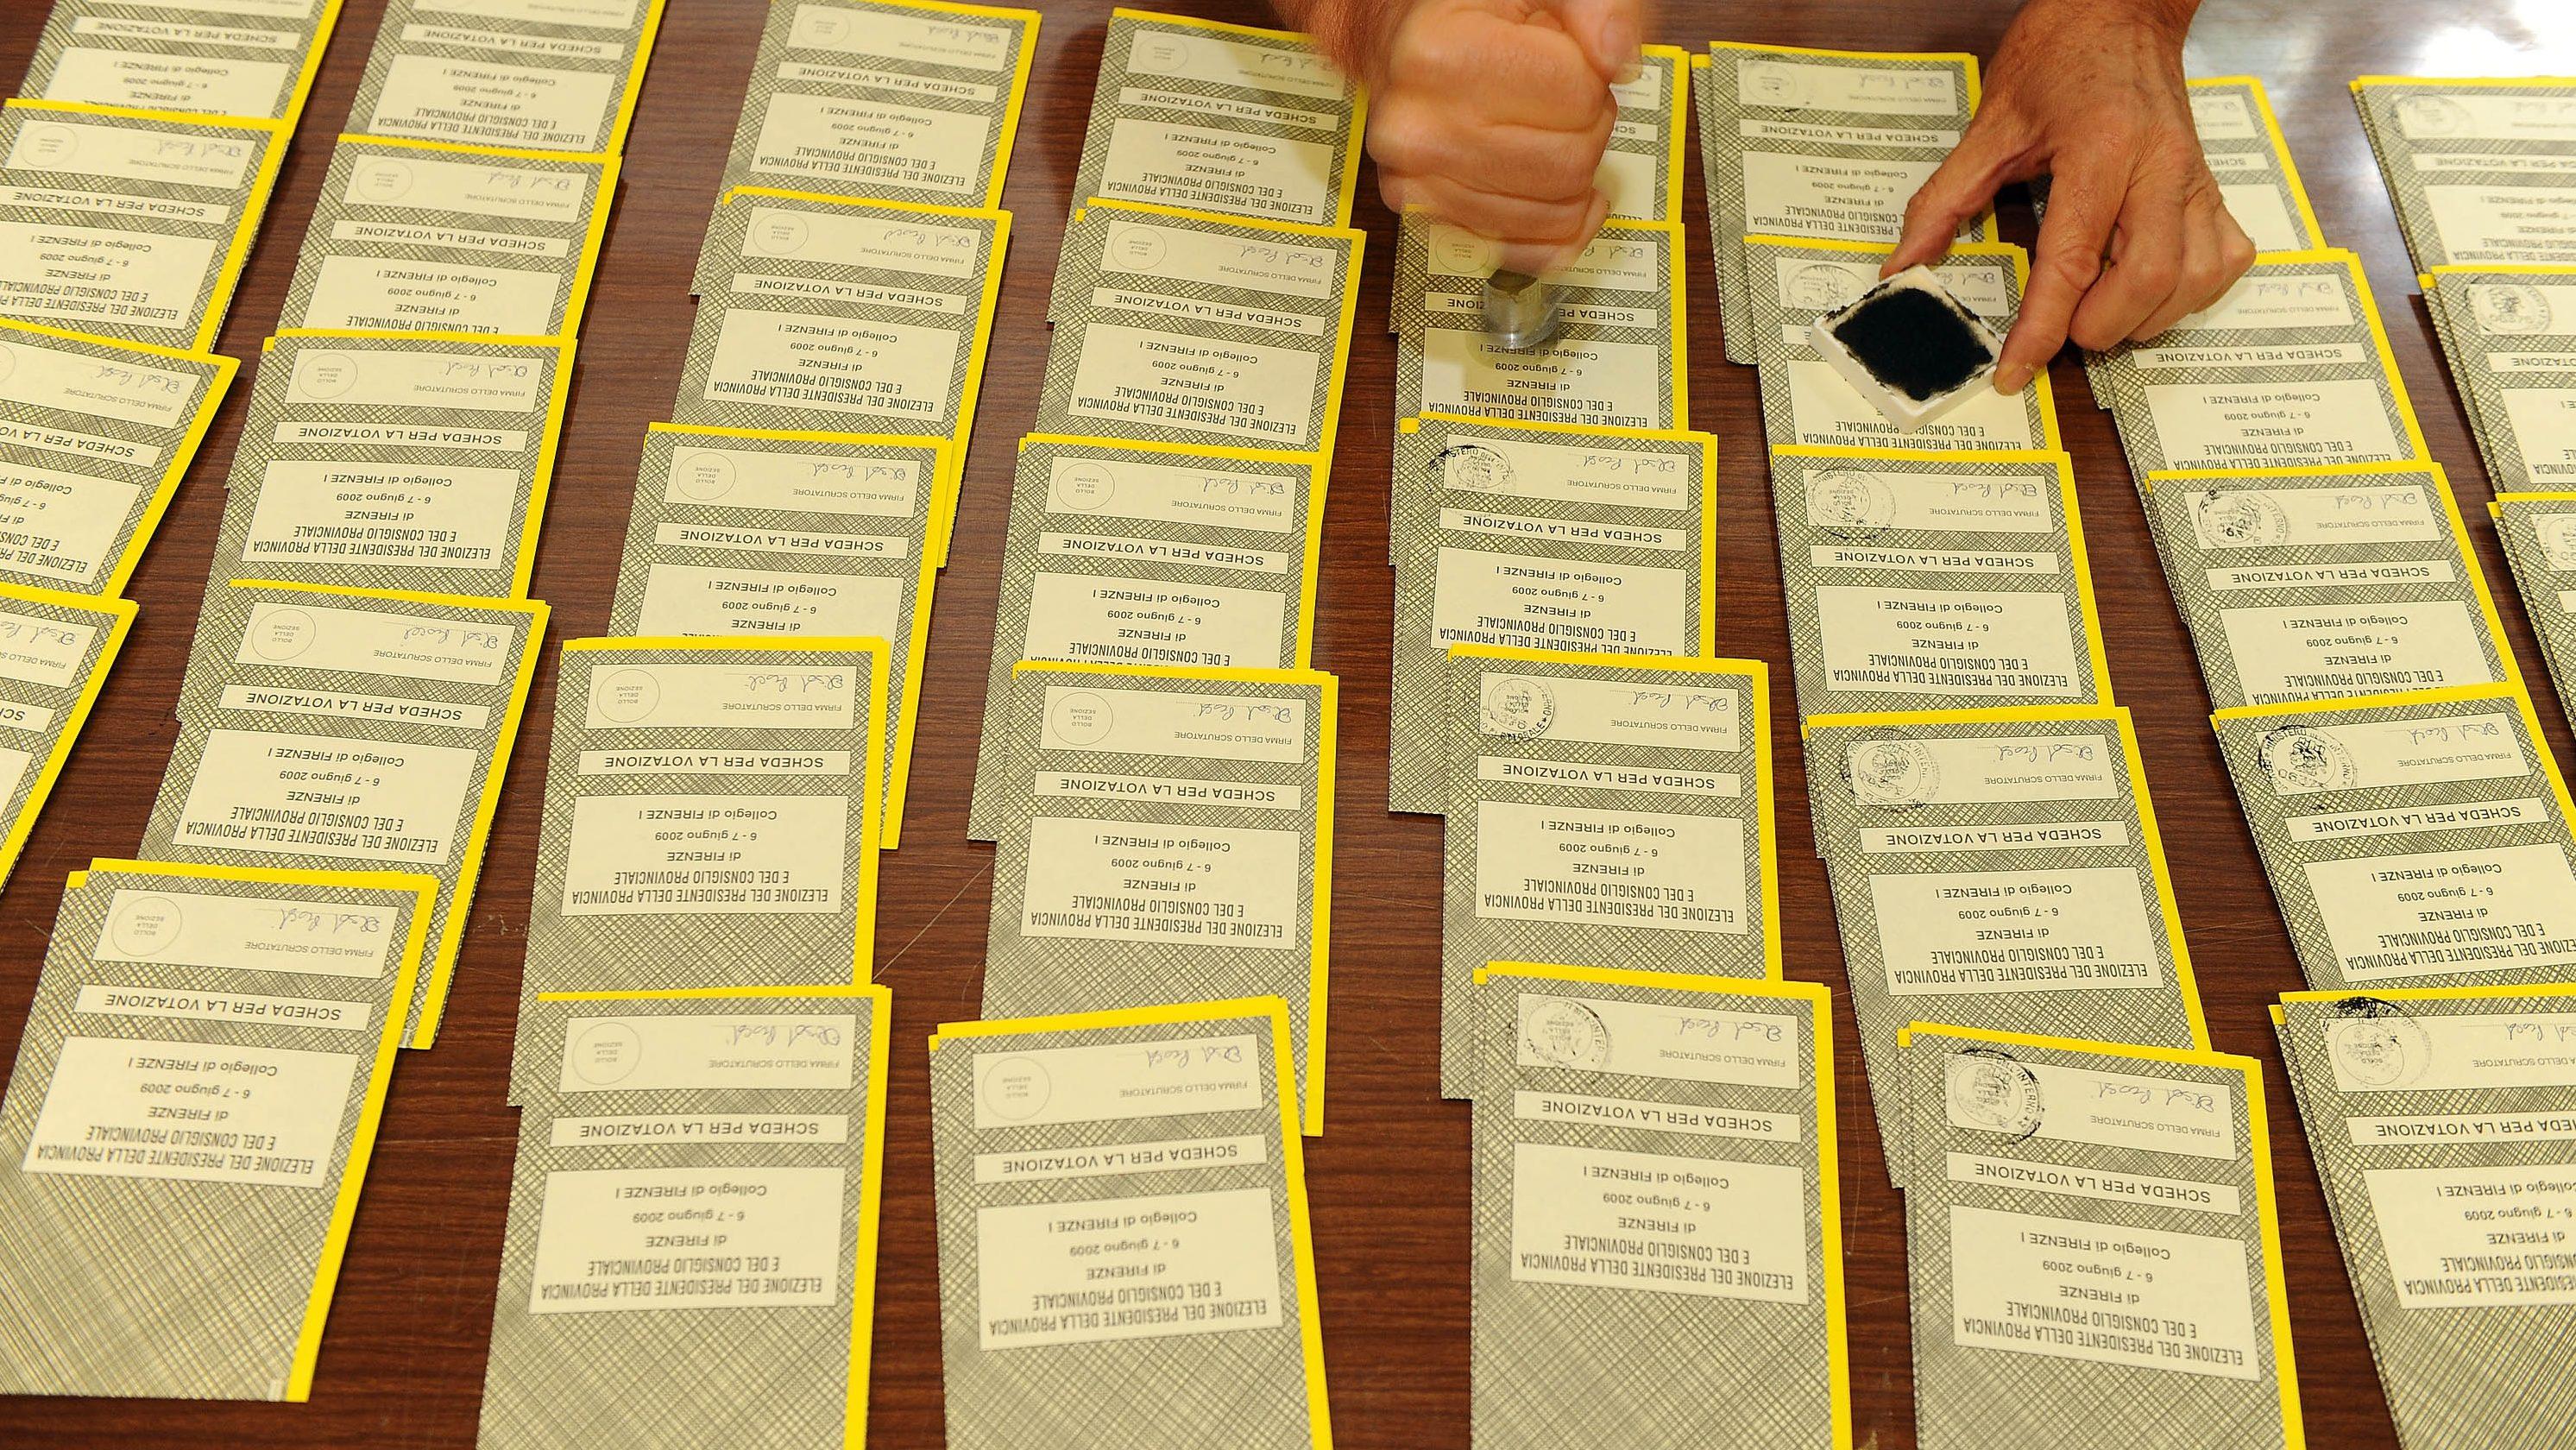 Sciacca: Elezioni regionali, disposta l'apertura straordinaria dell'Ufficio Elettorale